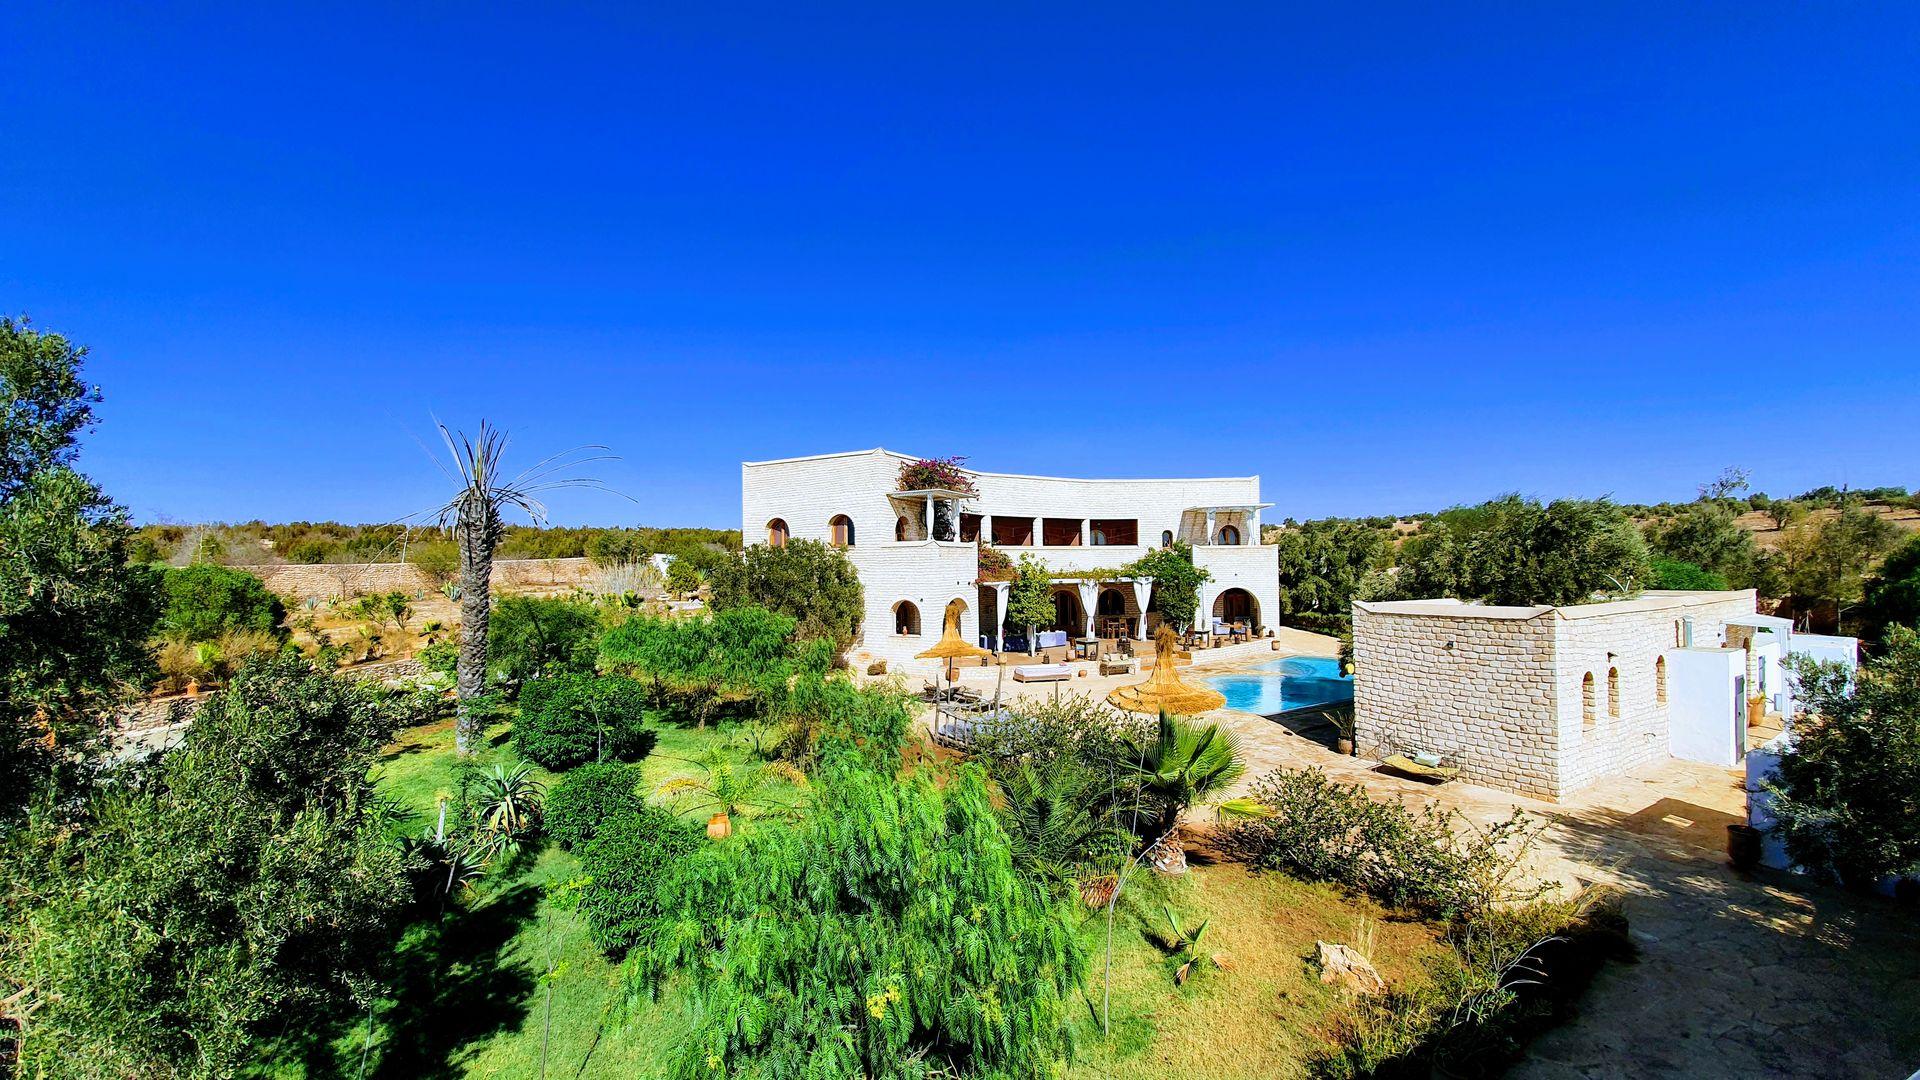 17-01-05-VM Amazing Luxury villa 900m² Garden 10000m²